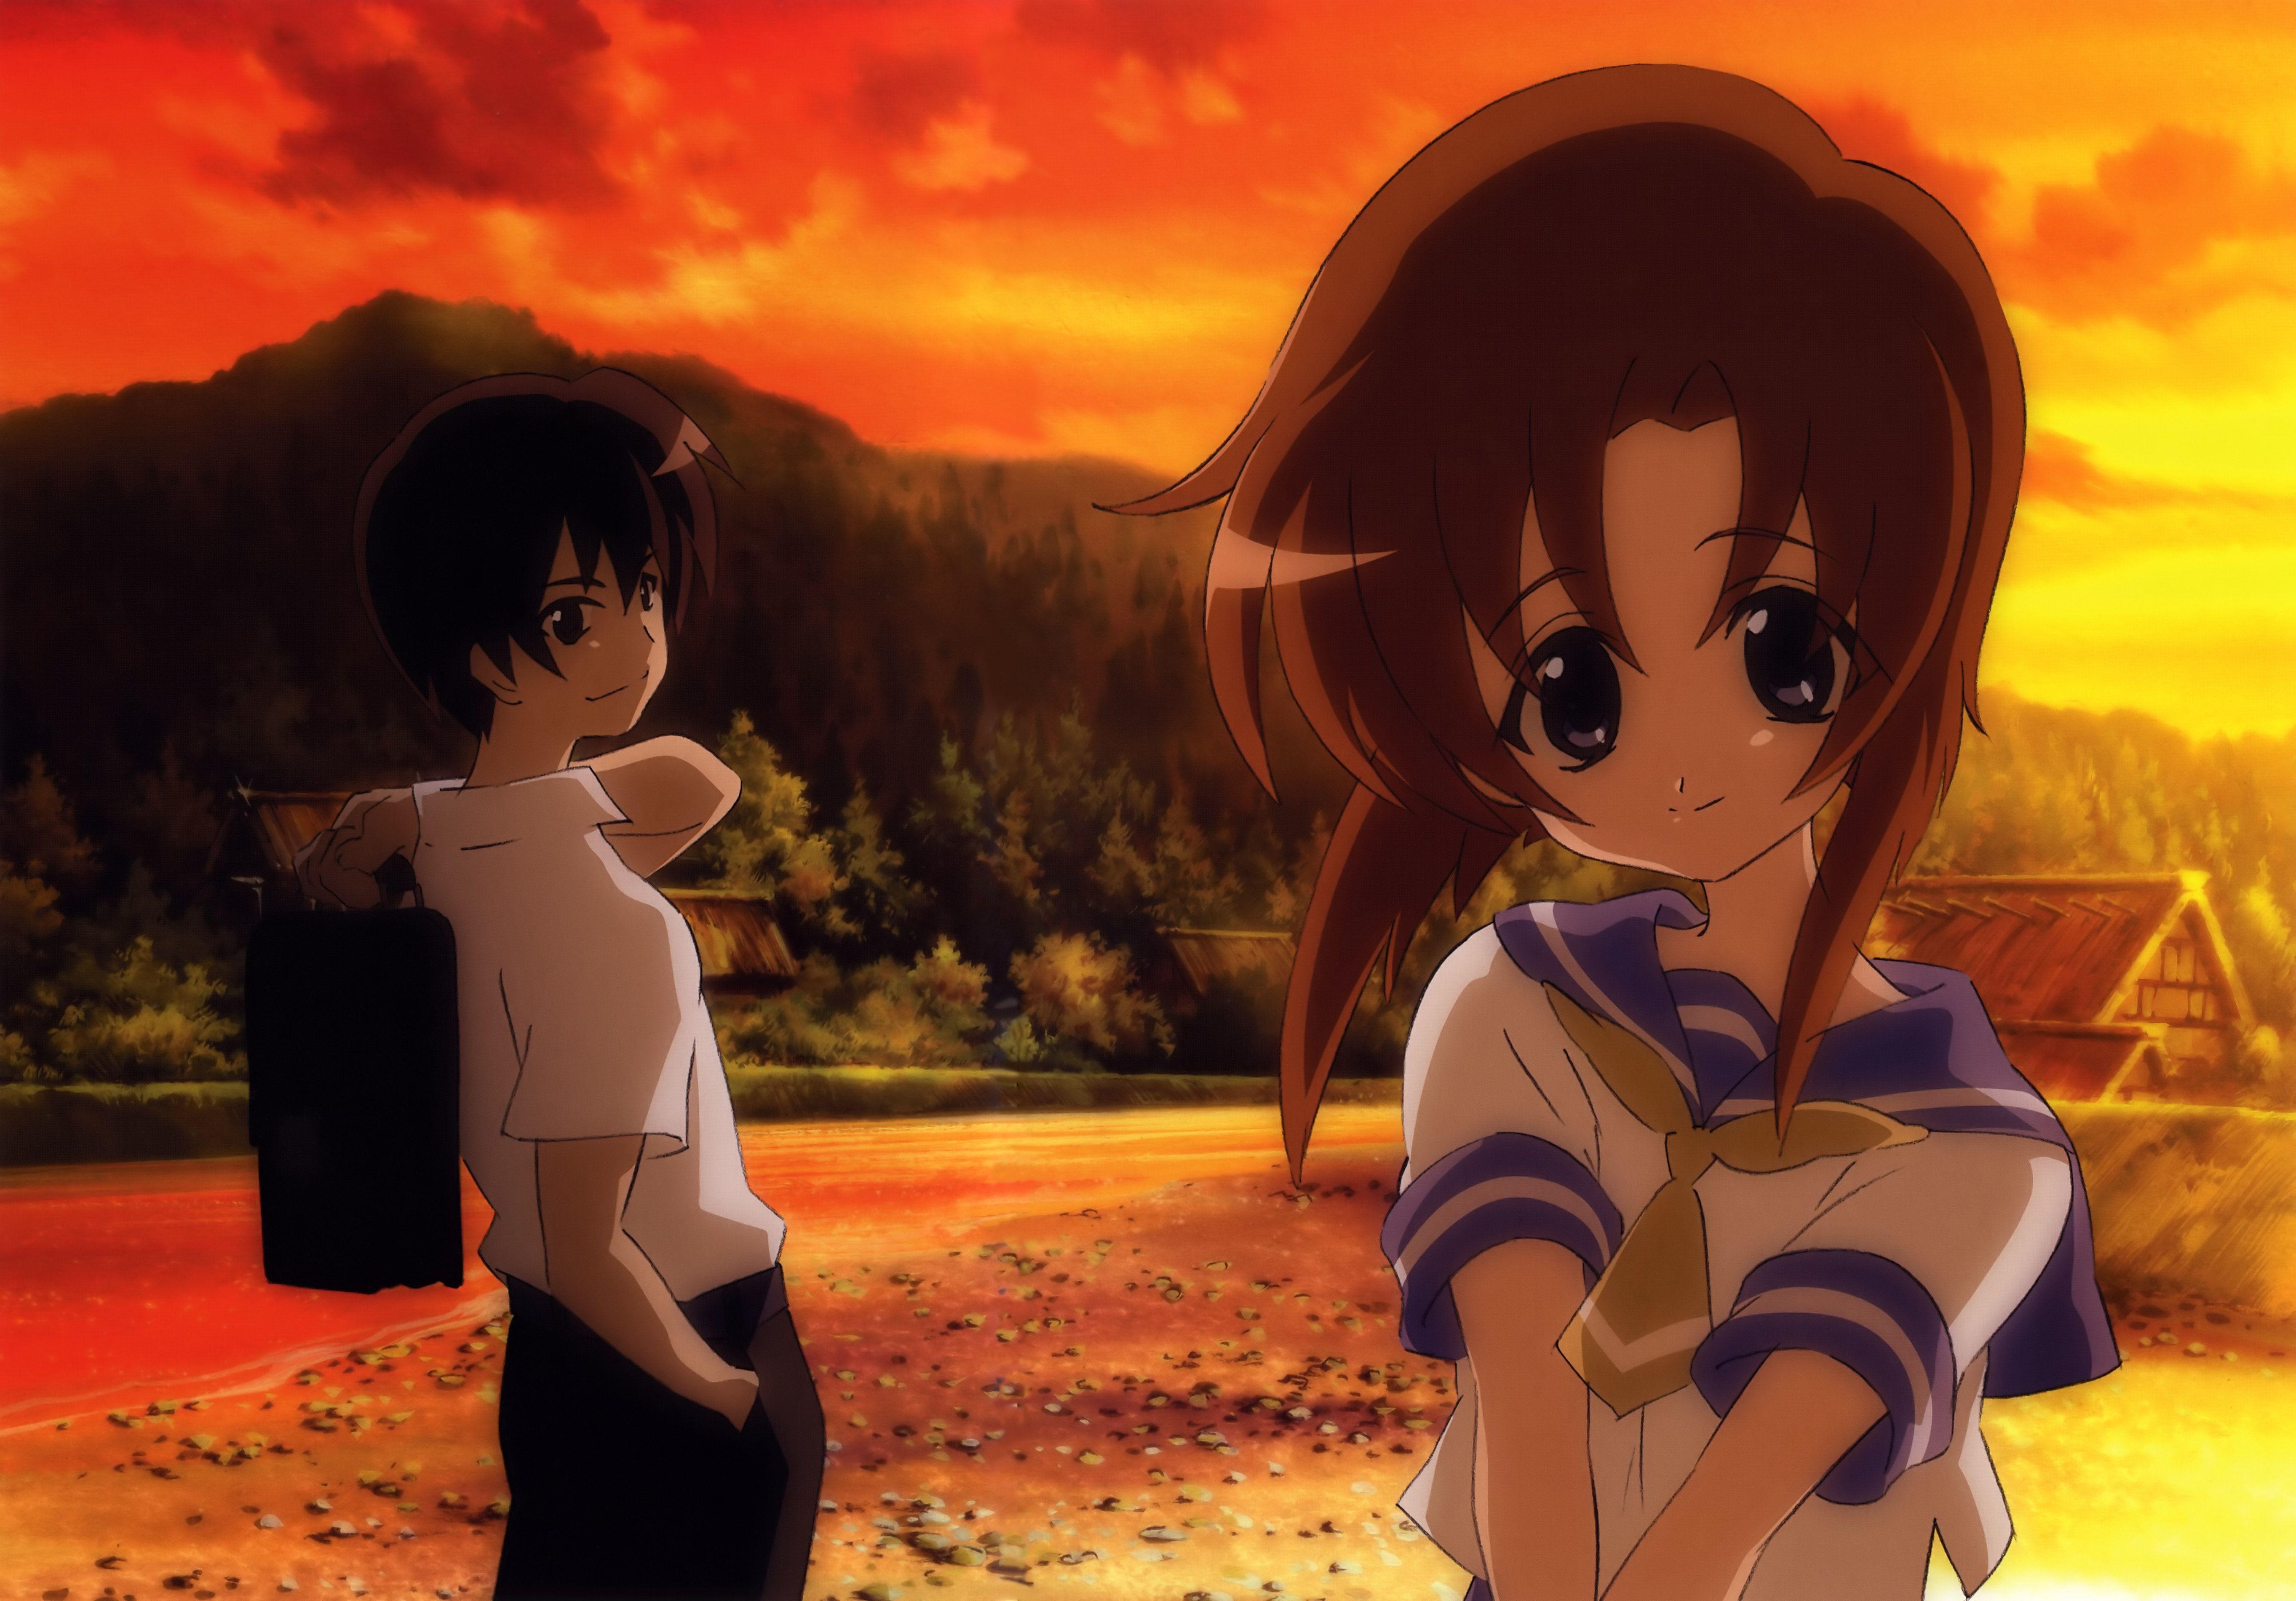 Higurashi No Naku Koro Ni Illustrations Zerochan Anime Image Board